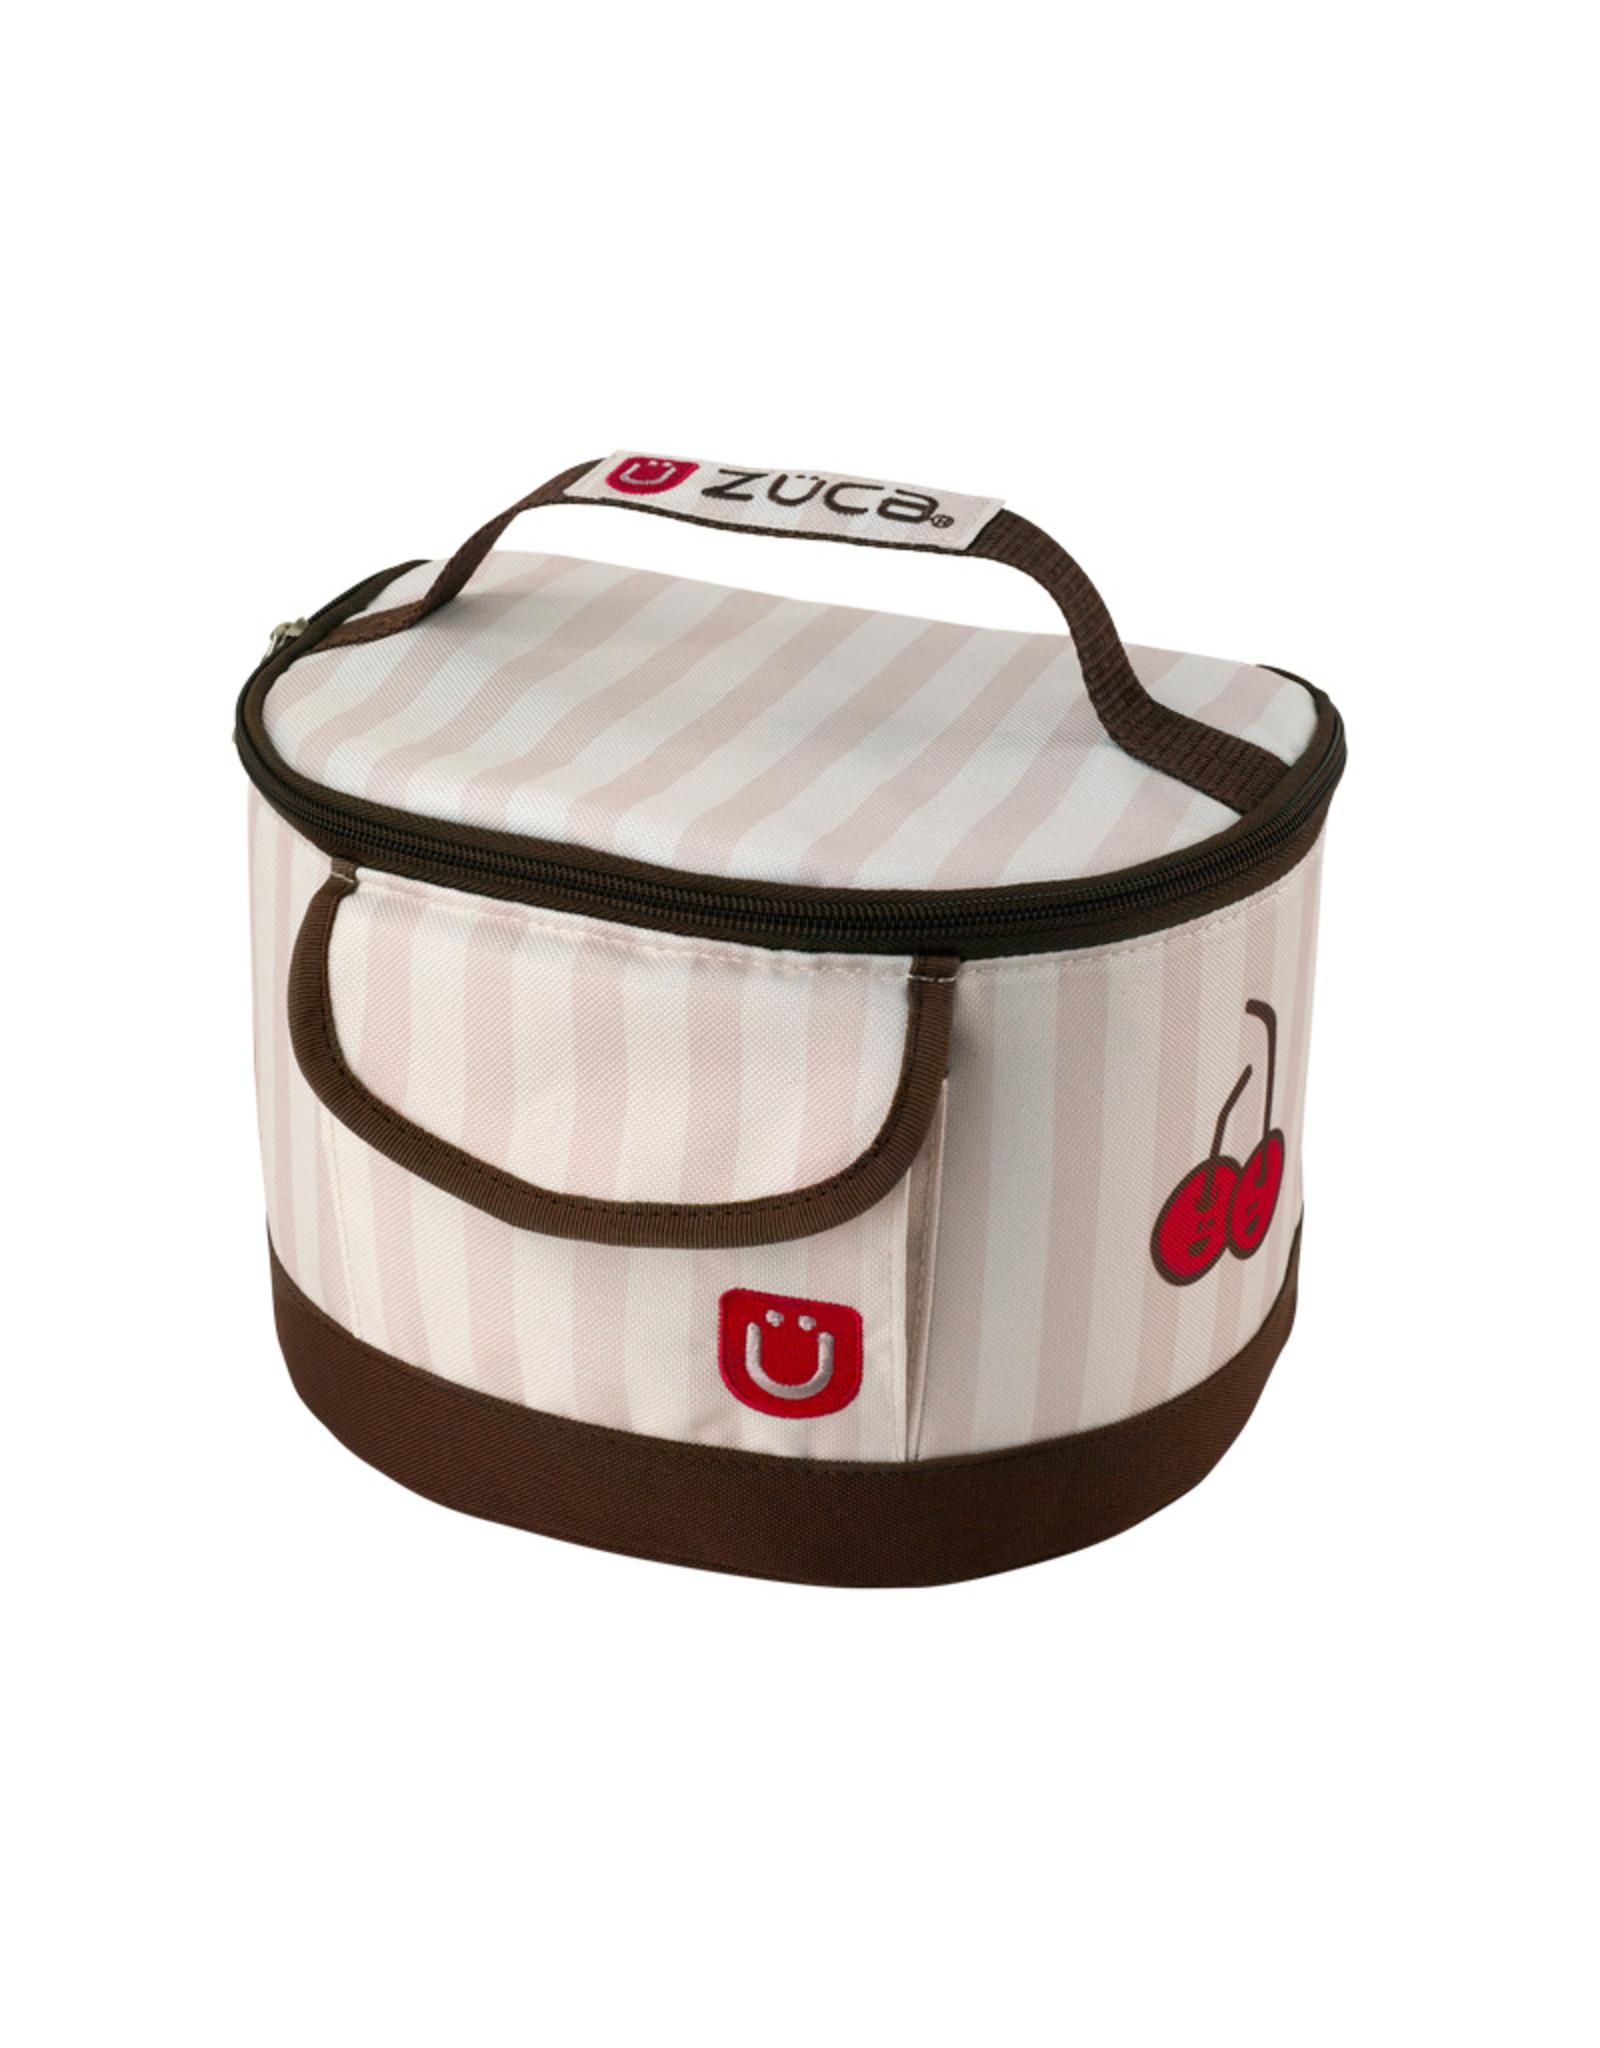 Zuca lunchbox sprinklez